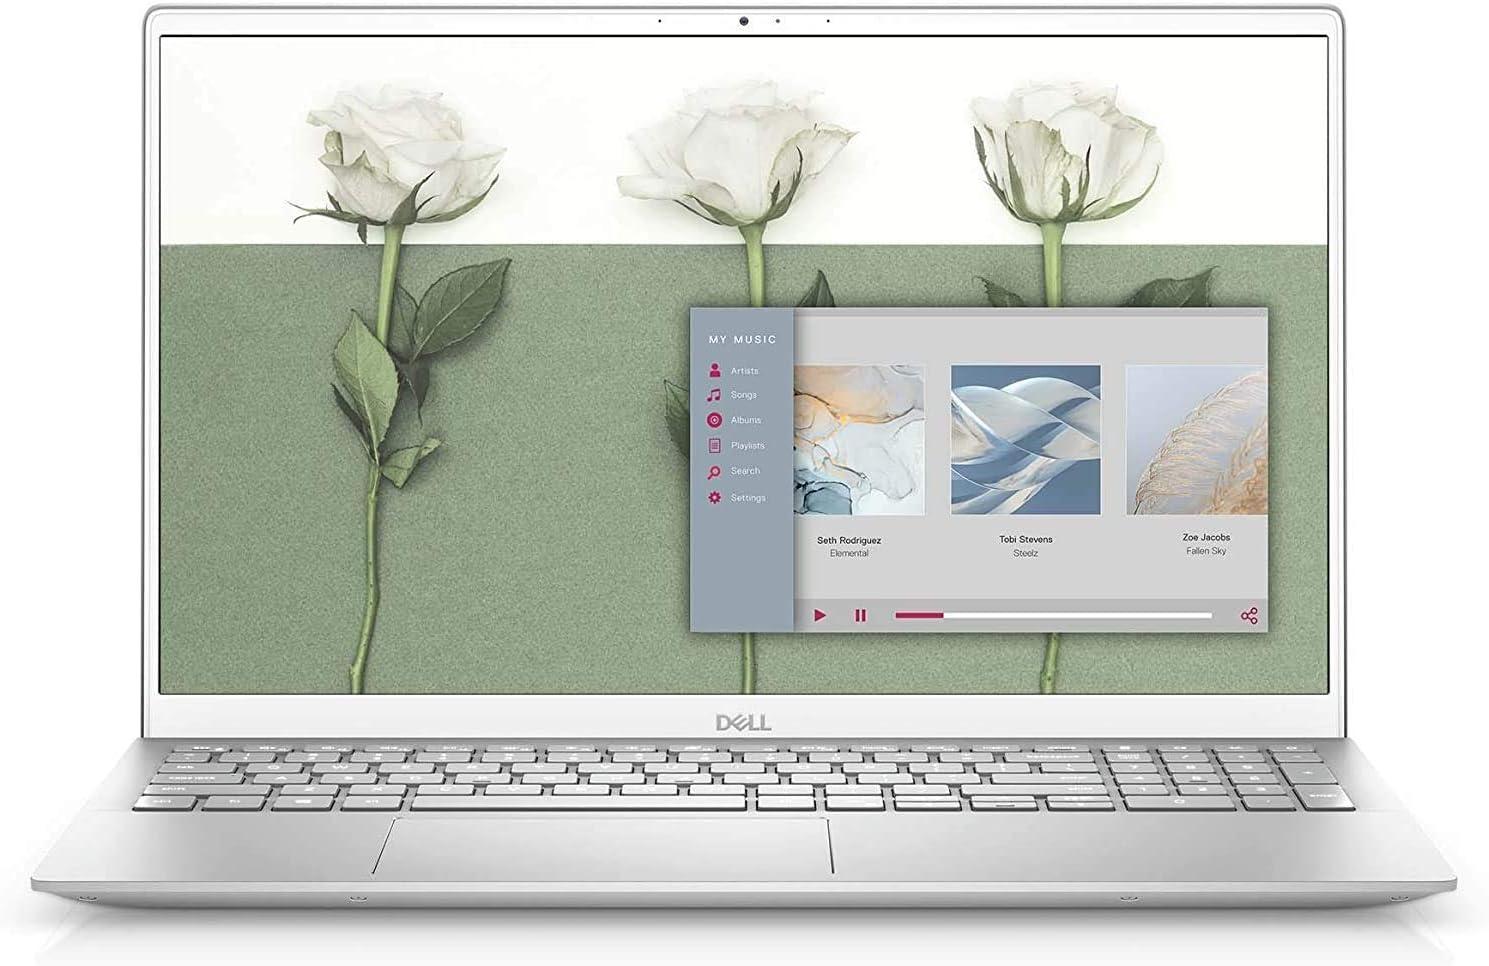 2021 Flagship Dell Inspiron 15 5000 15.6 inch FHD Laptop 11th Gen Intel Quad-Core i5-1135G7 8GB DDR4, 256GB SSD, Backlit Keyboard, Windows 10 Home - Silver (Latest Model) (Renewed)